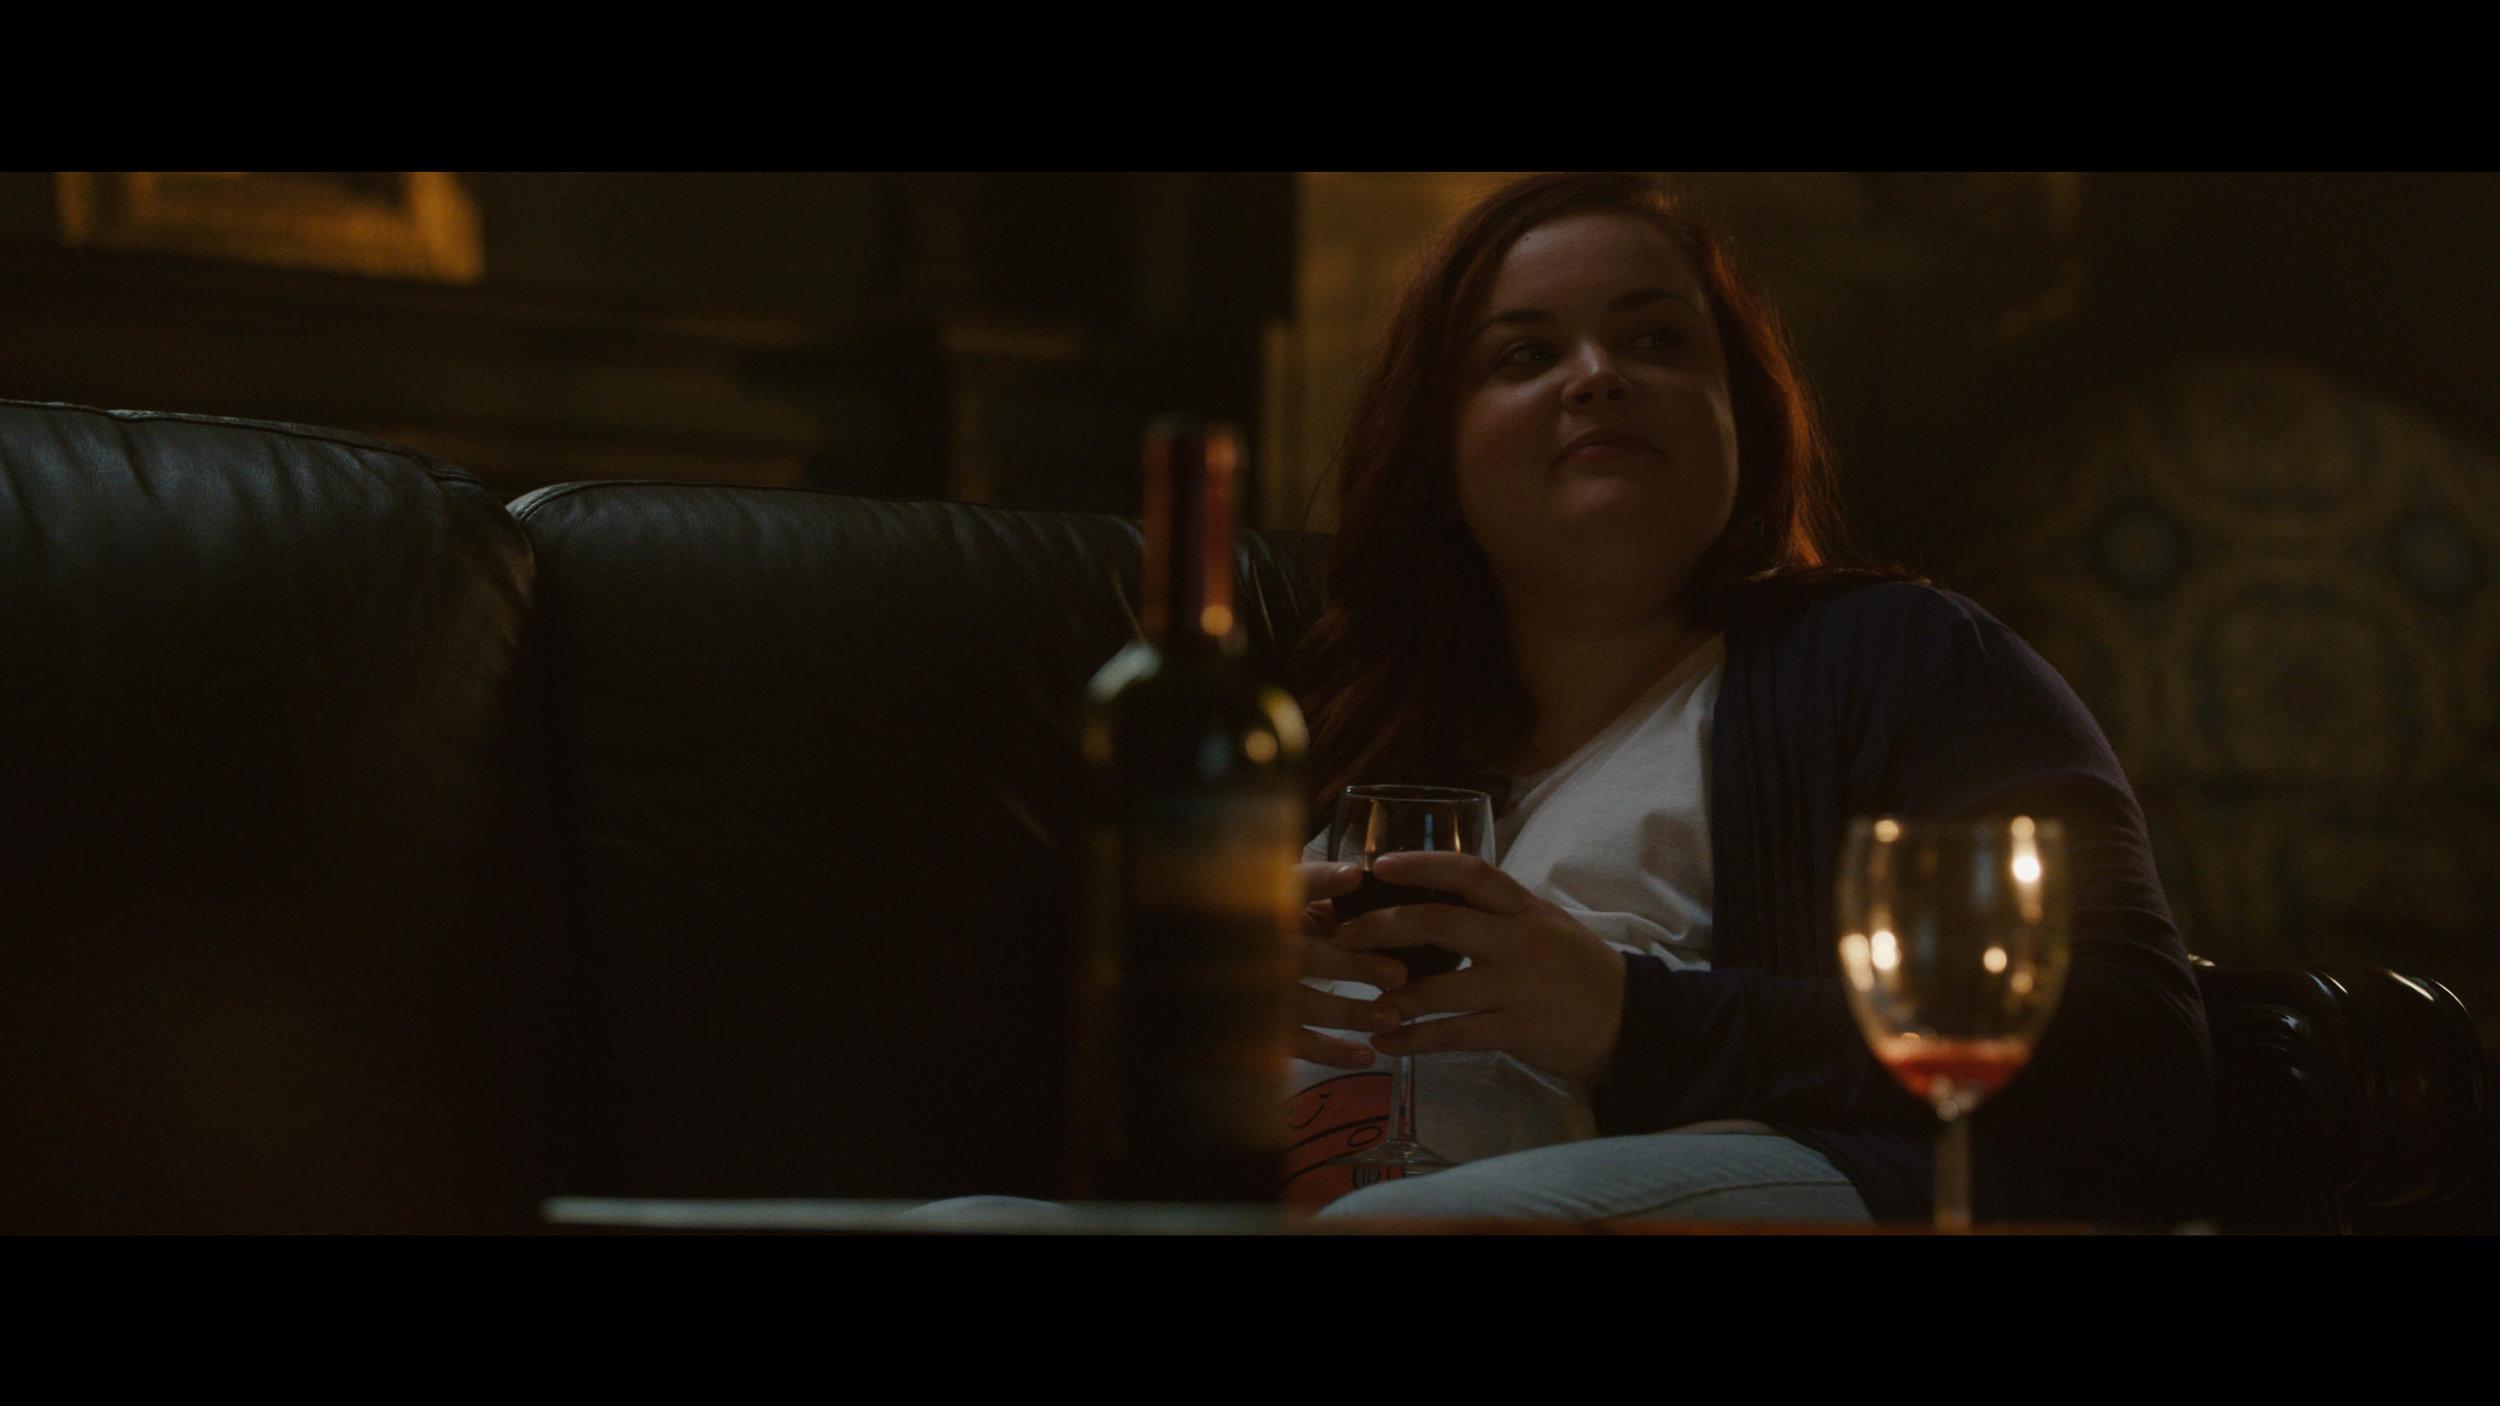 Jessica_Meisel_BROOKE_Brooke and girls drink wine to Virginia_06.jpg